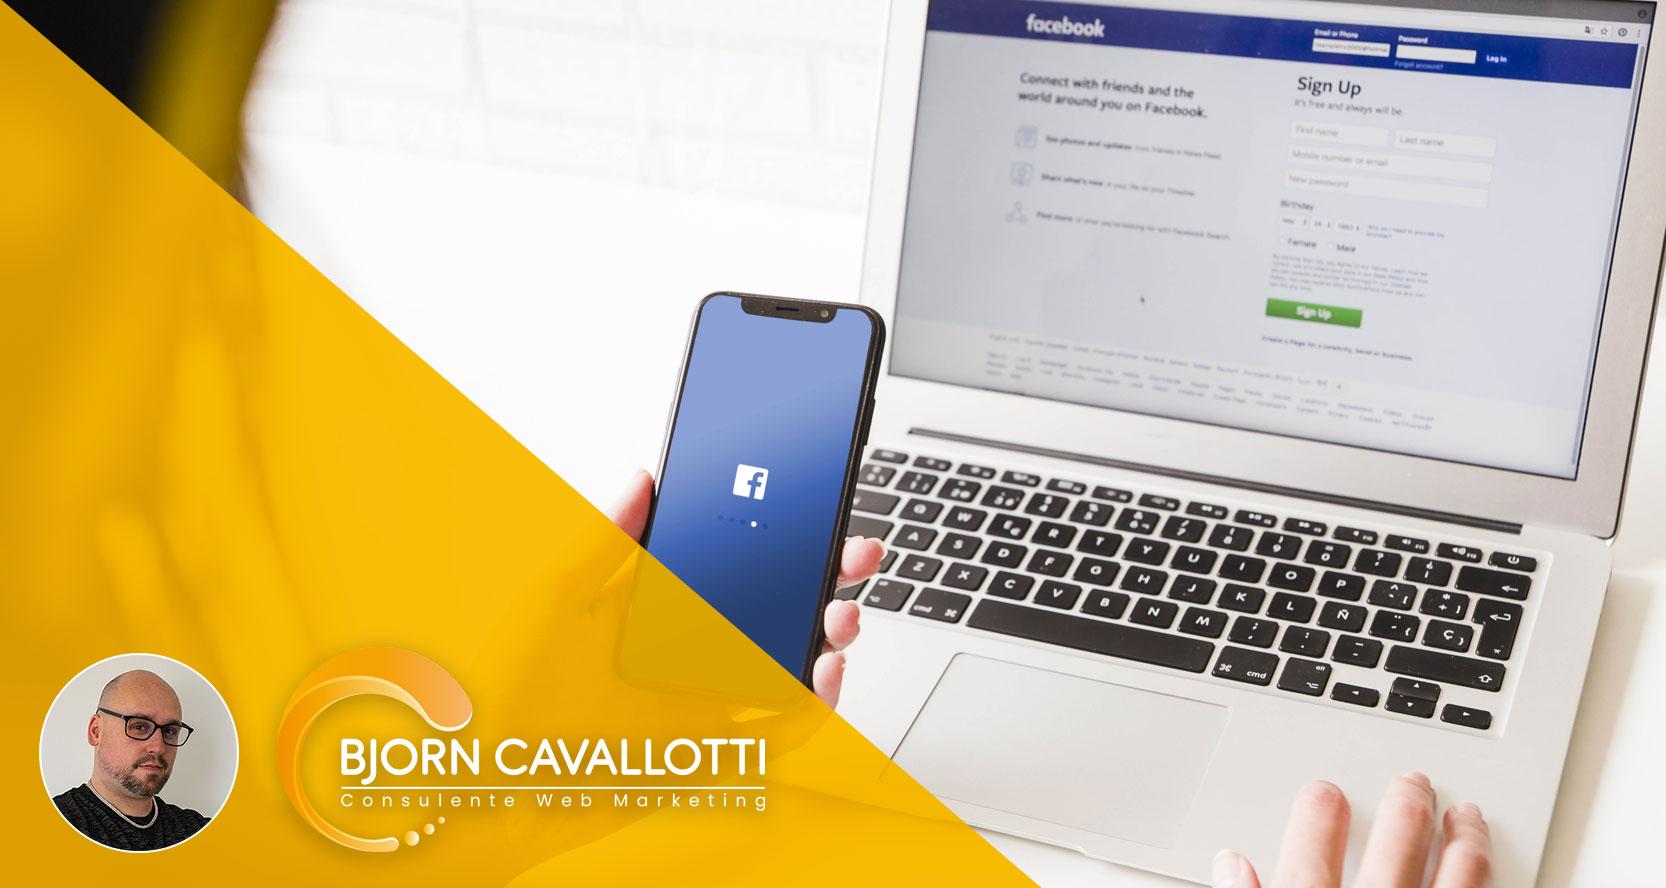 Gestire pagina Facebook: Consigli ed errori da evitare